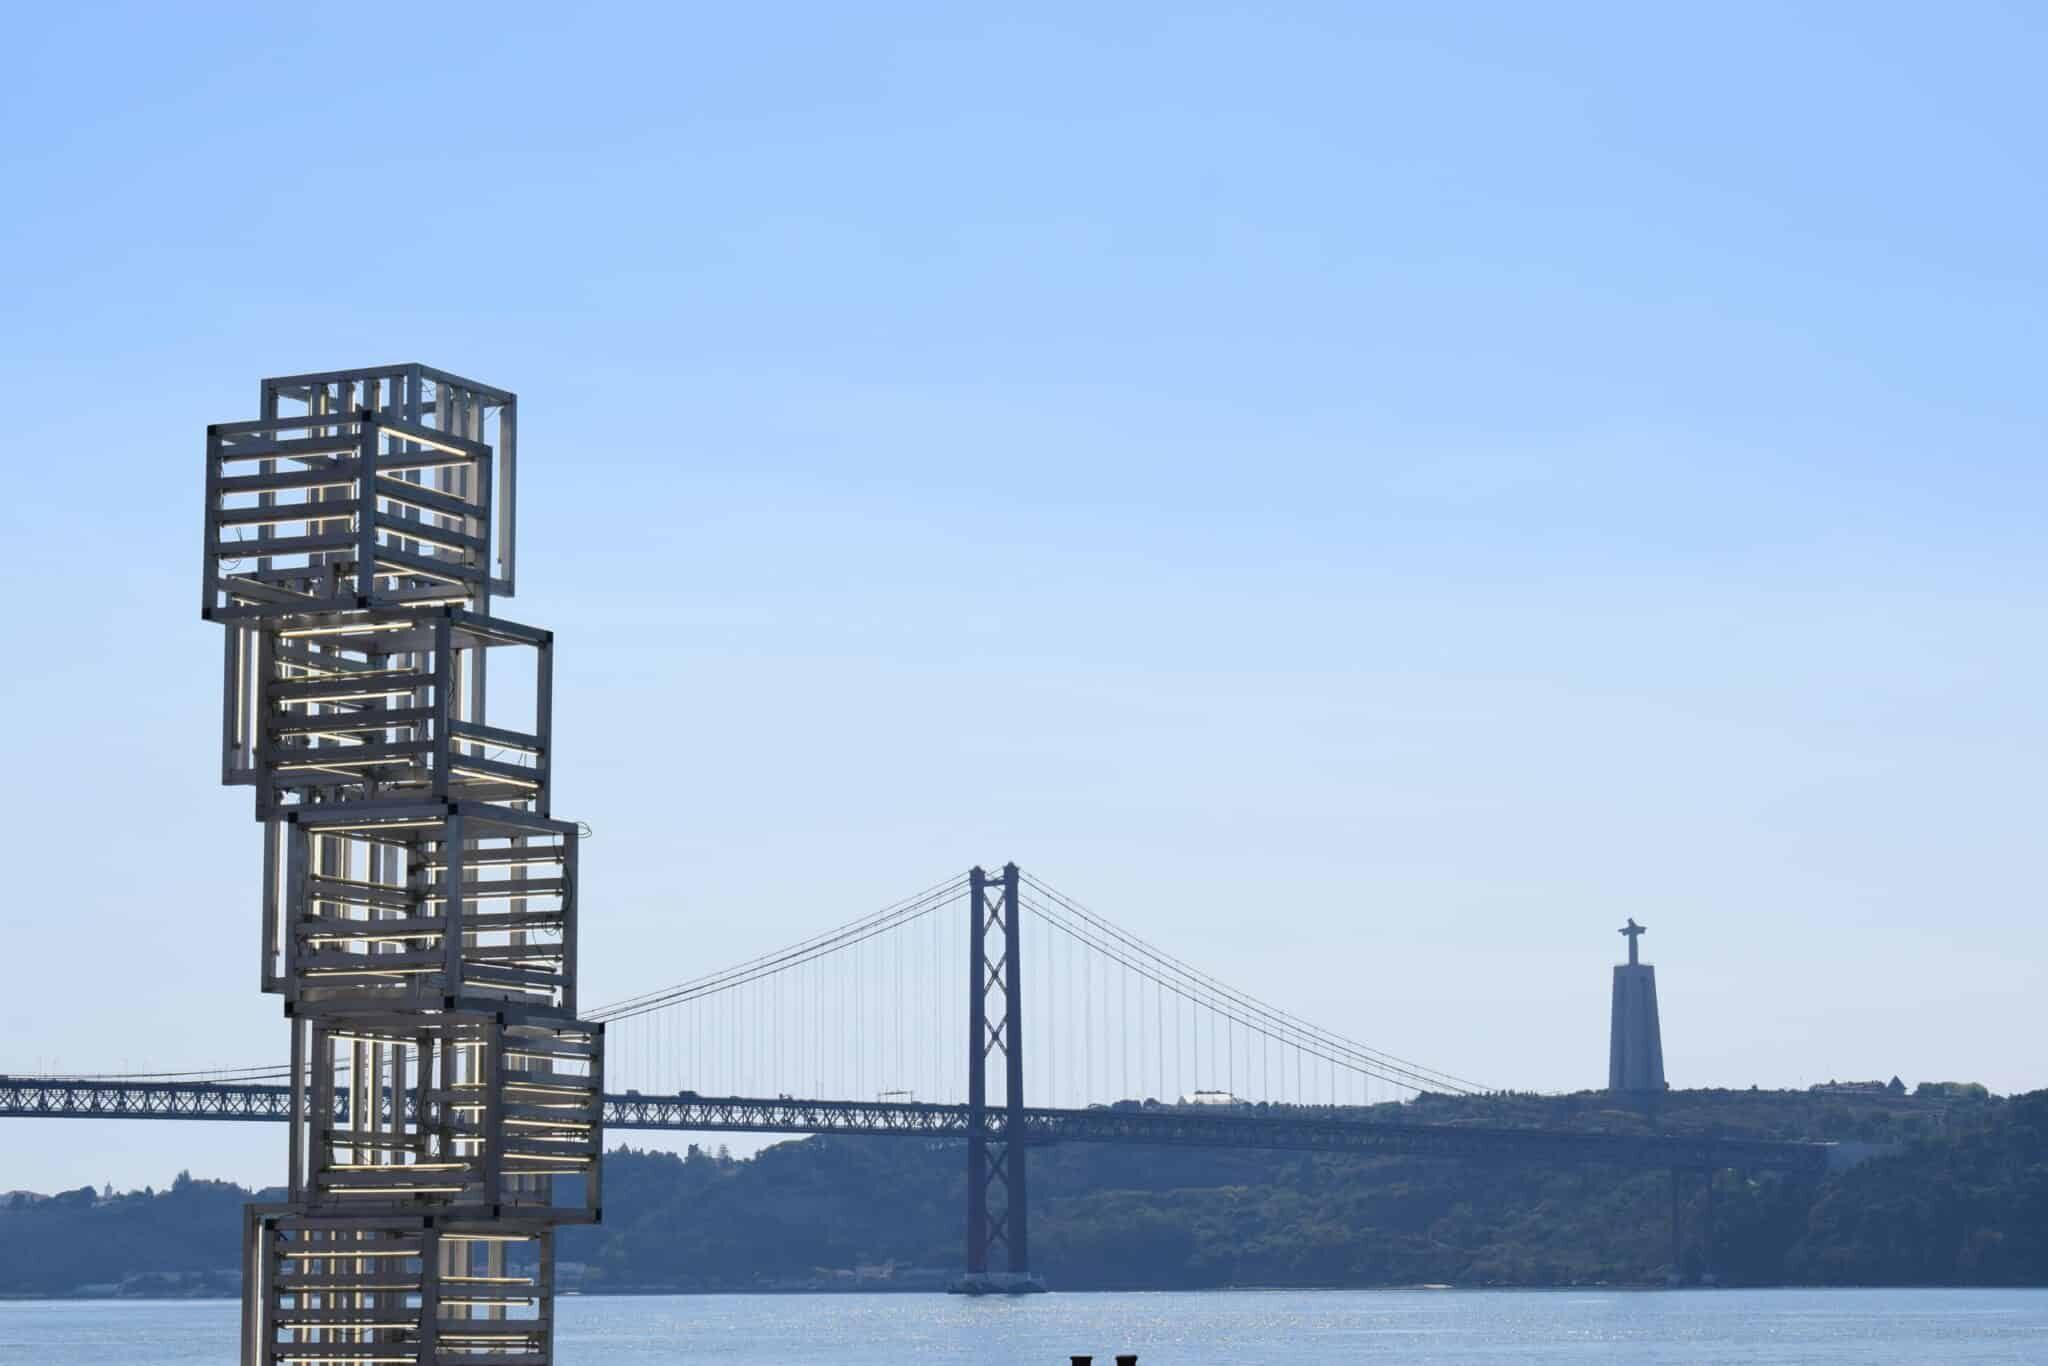 Ponte 25 de Abril 1